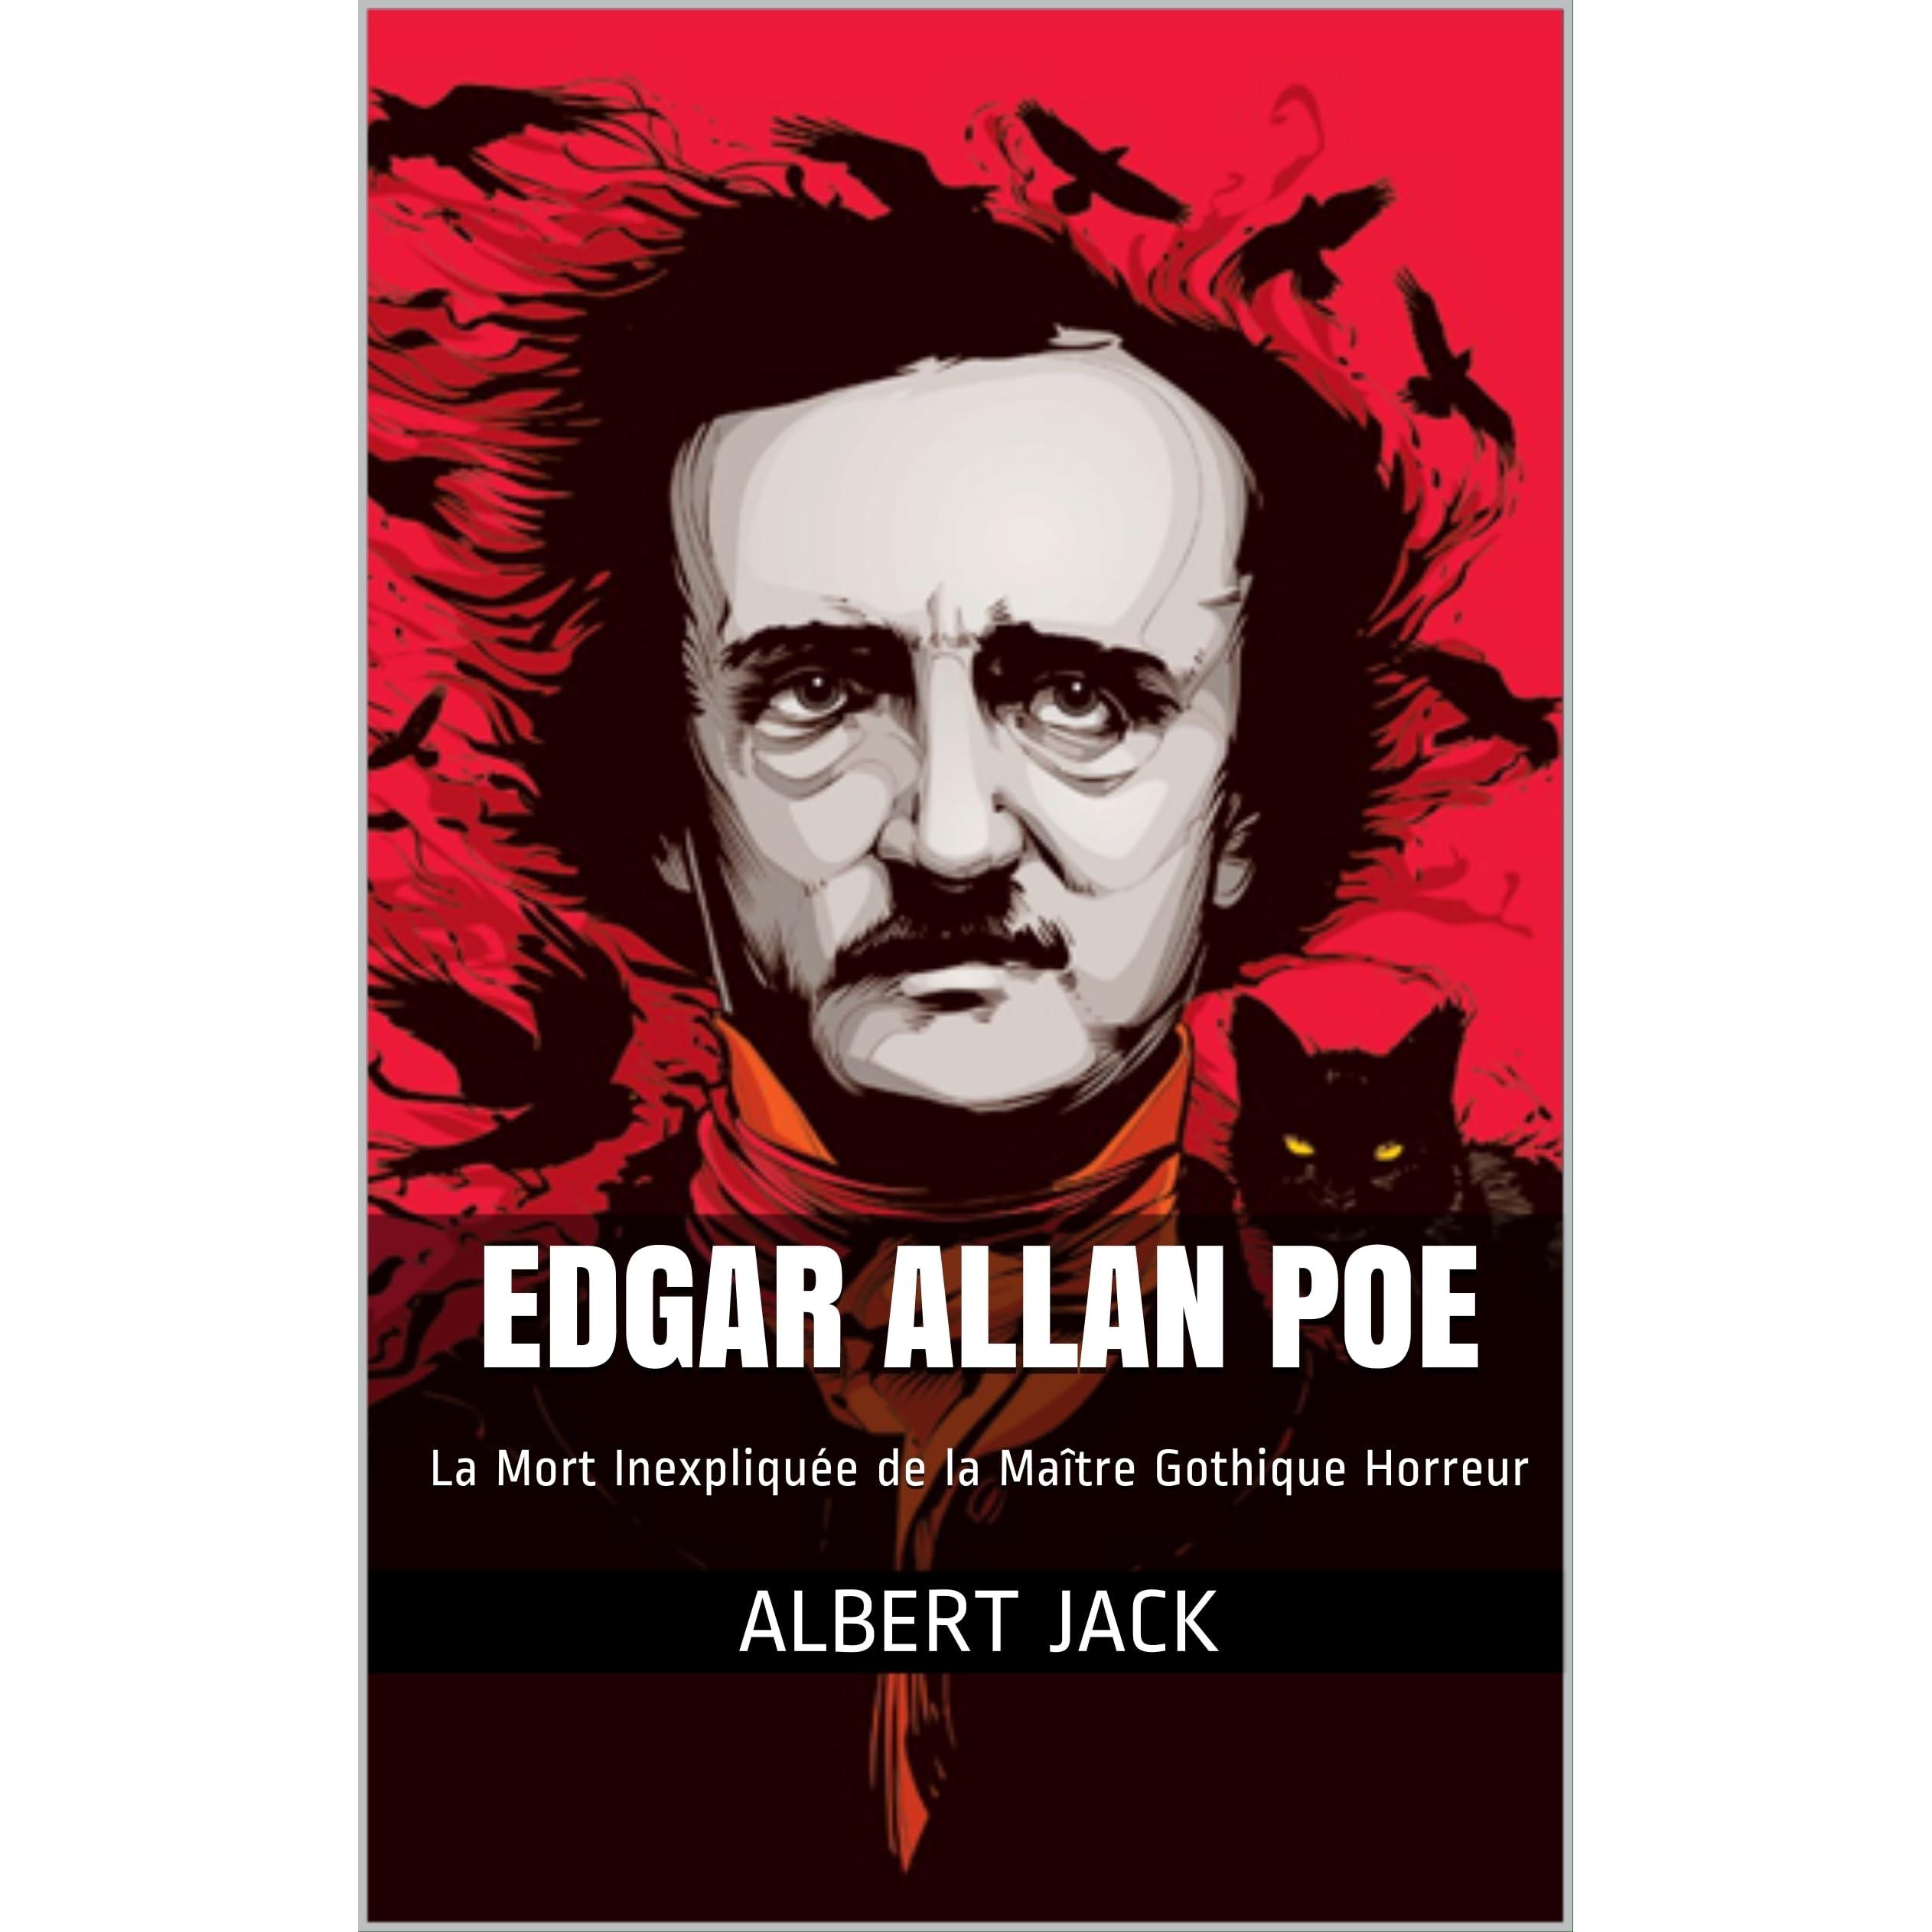 Edgar Allan Poe: La Mort Inexpliquée de la Maître Gothique Horreur by  Albert Jack